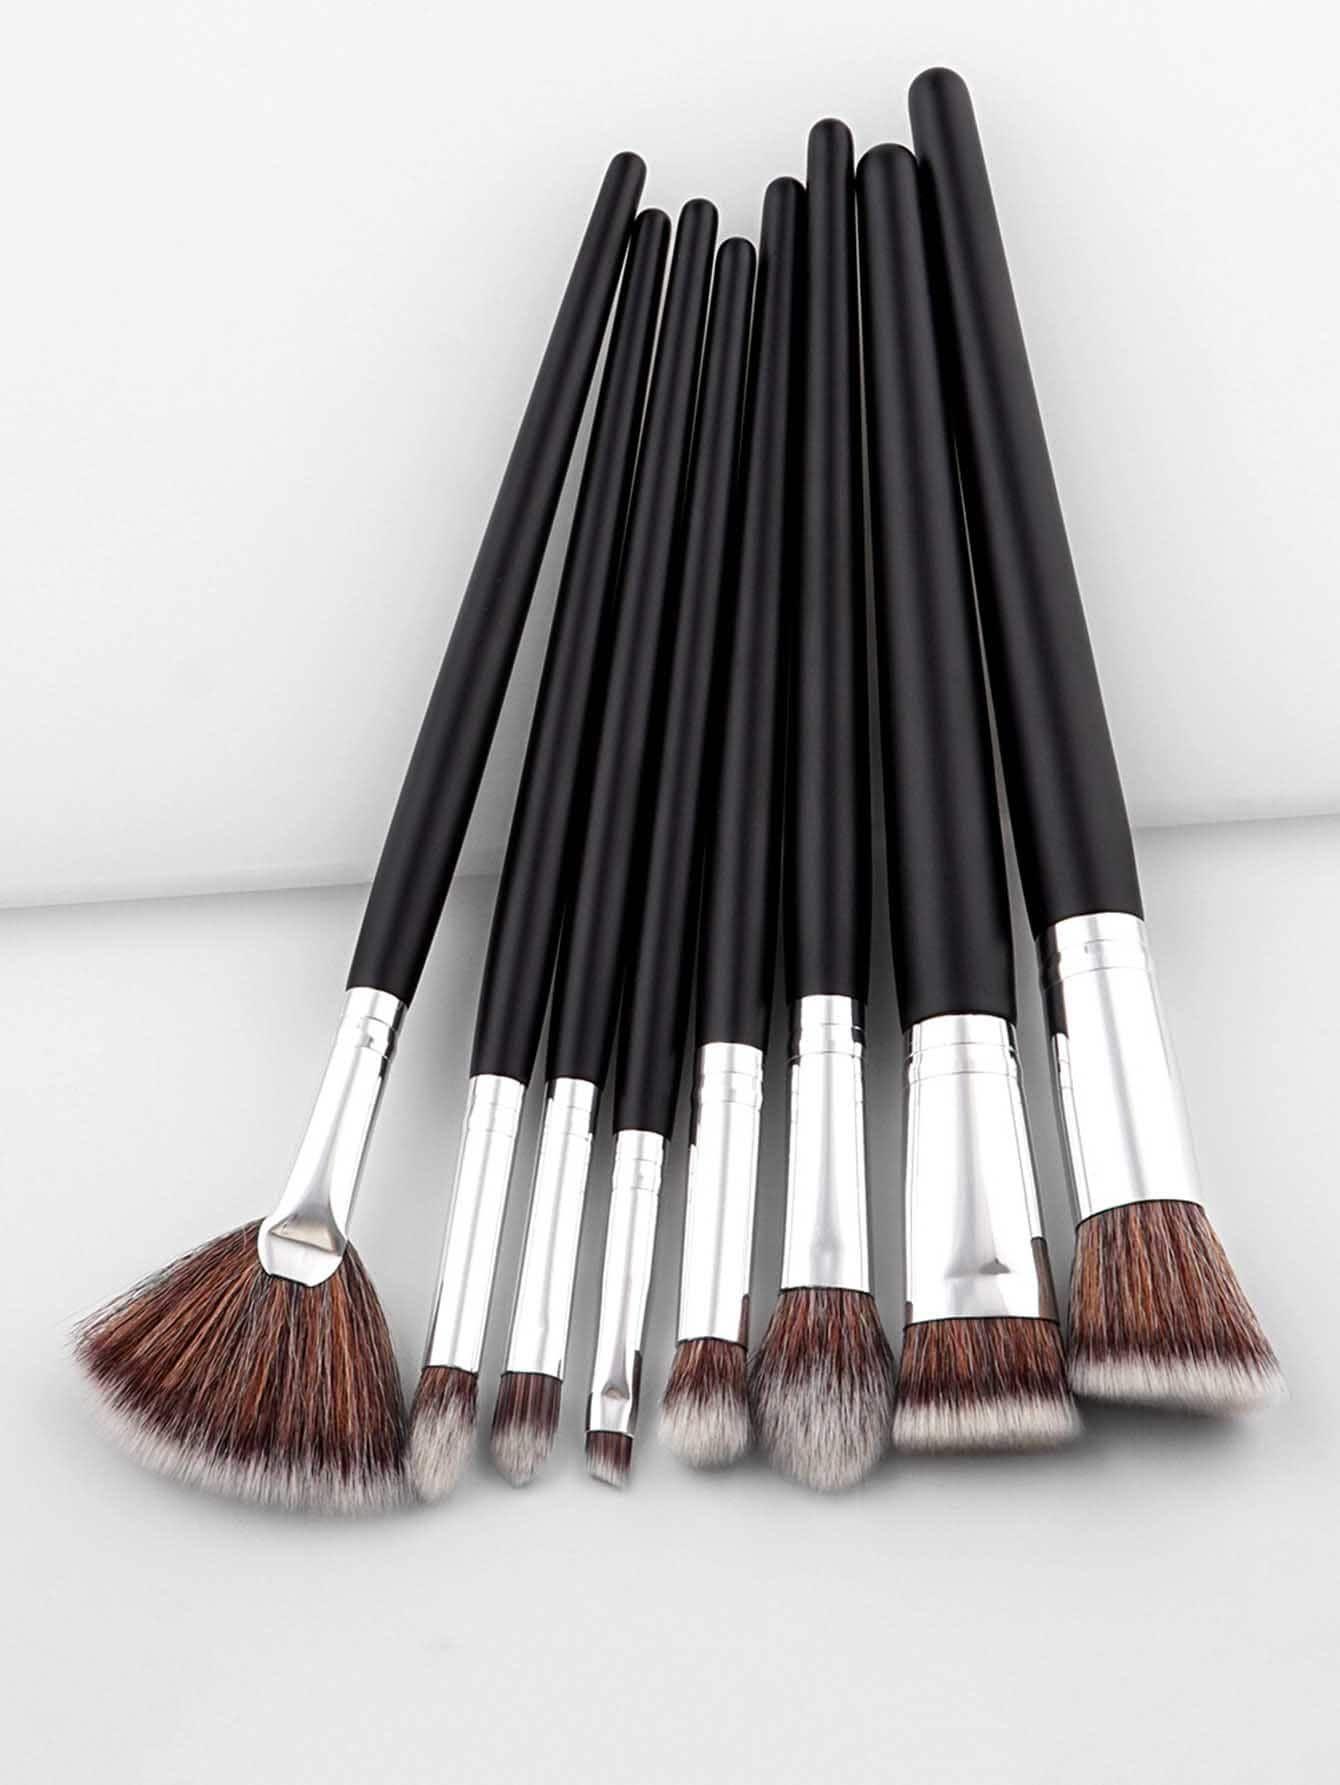 Duofiber Brush Set 8pcs Makeup brush set, Makeup brush